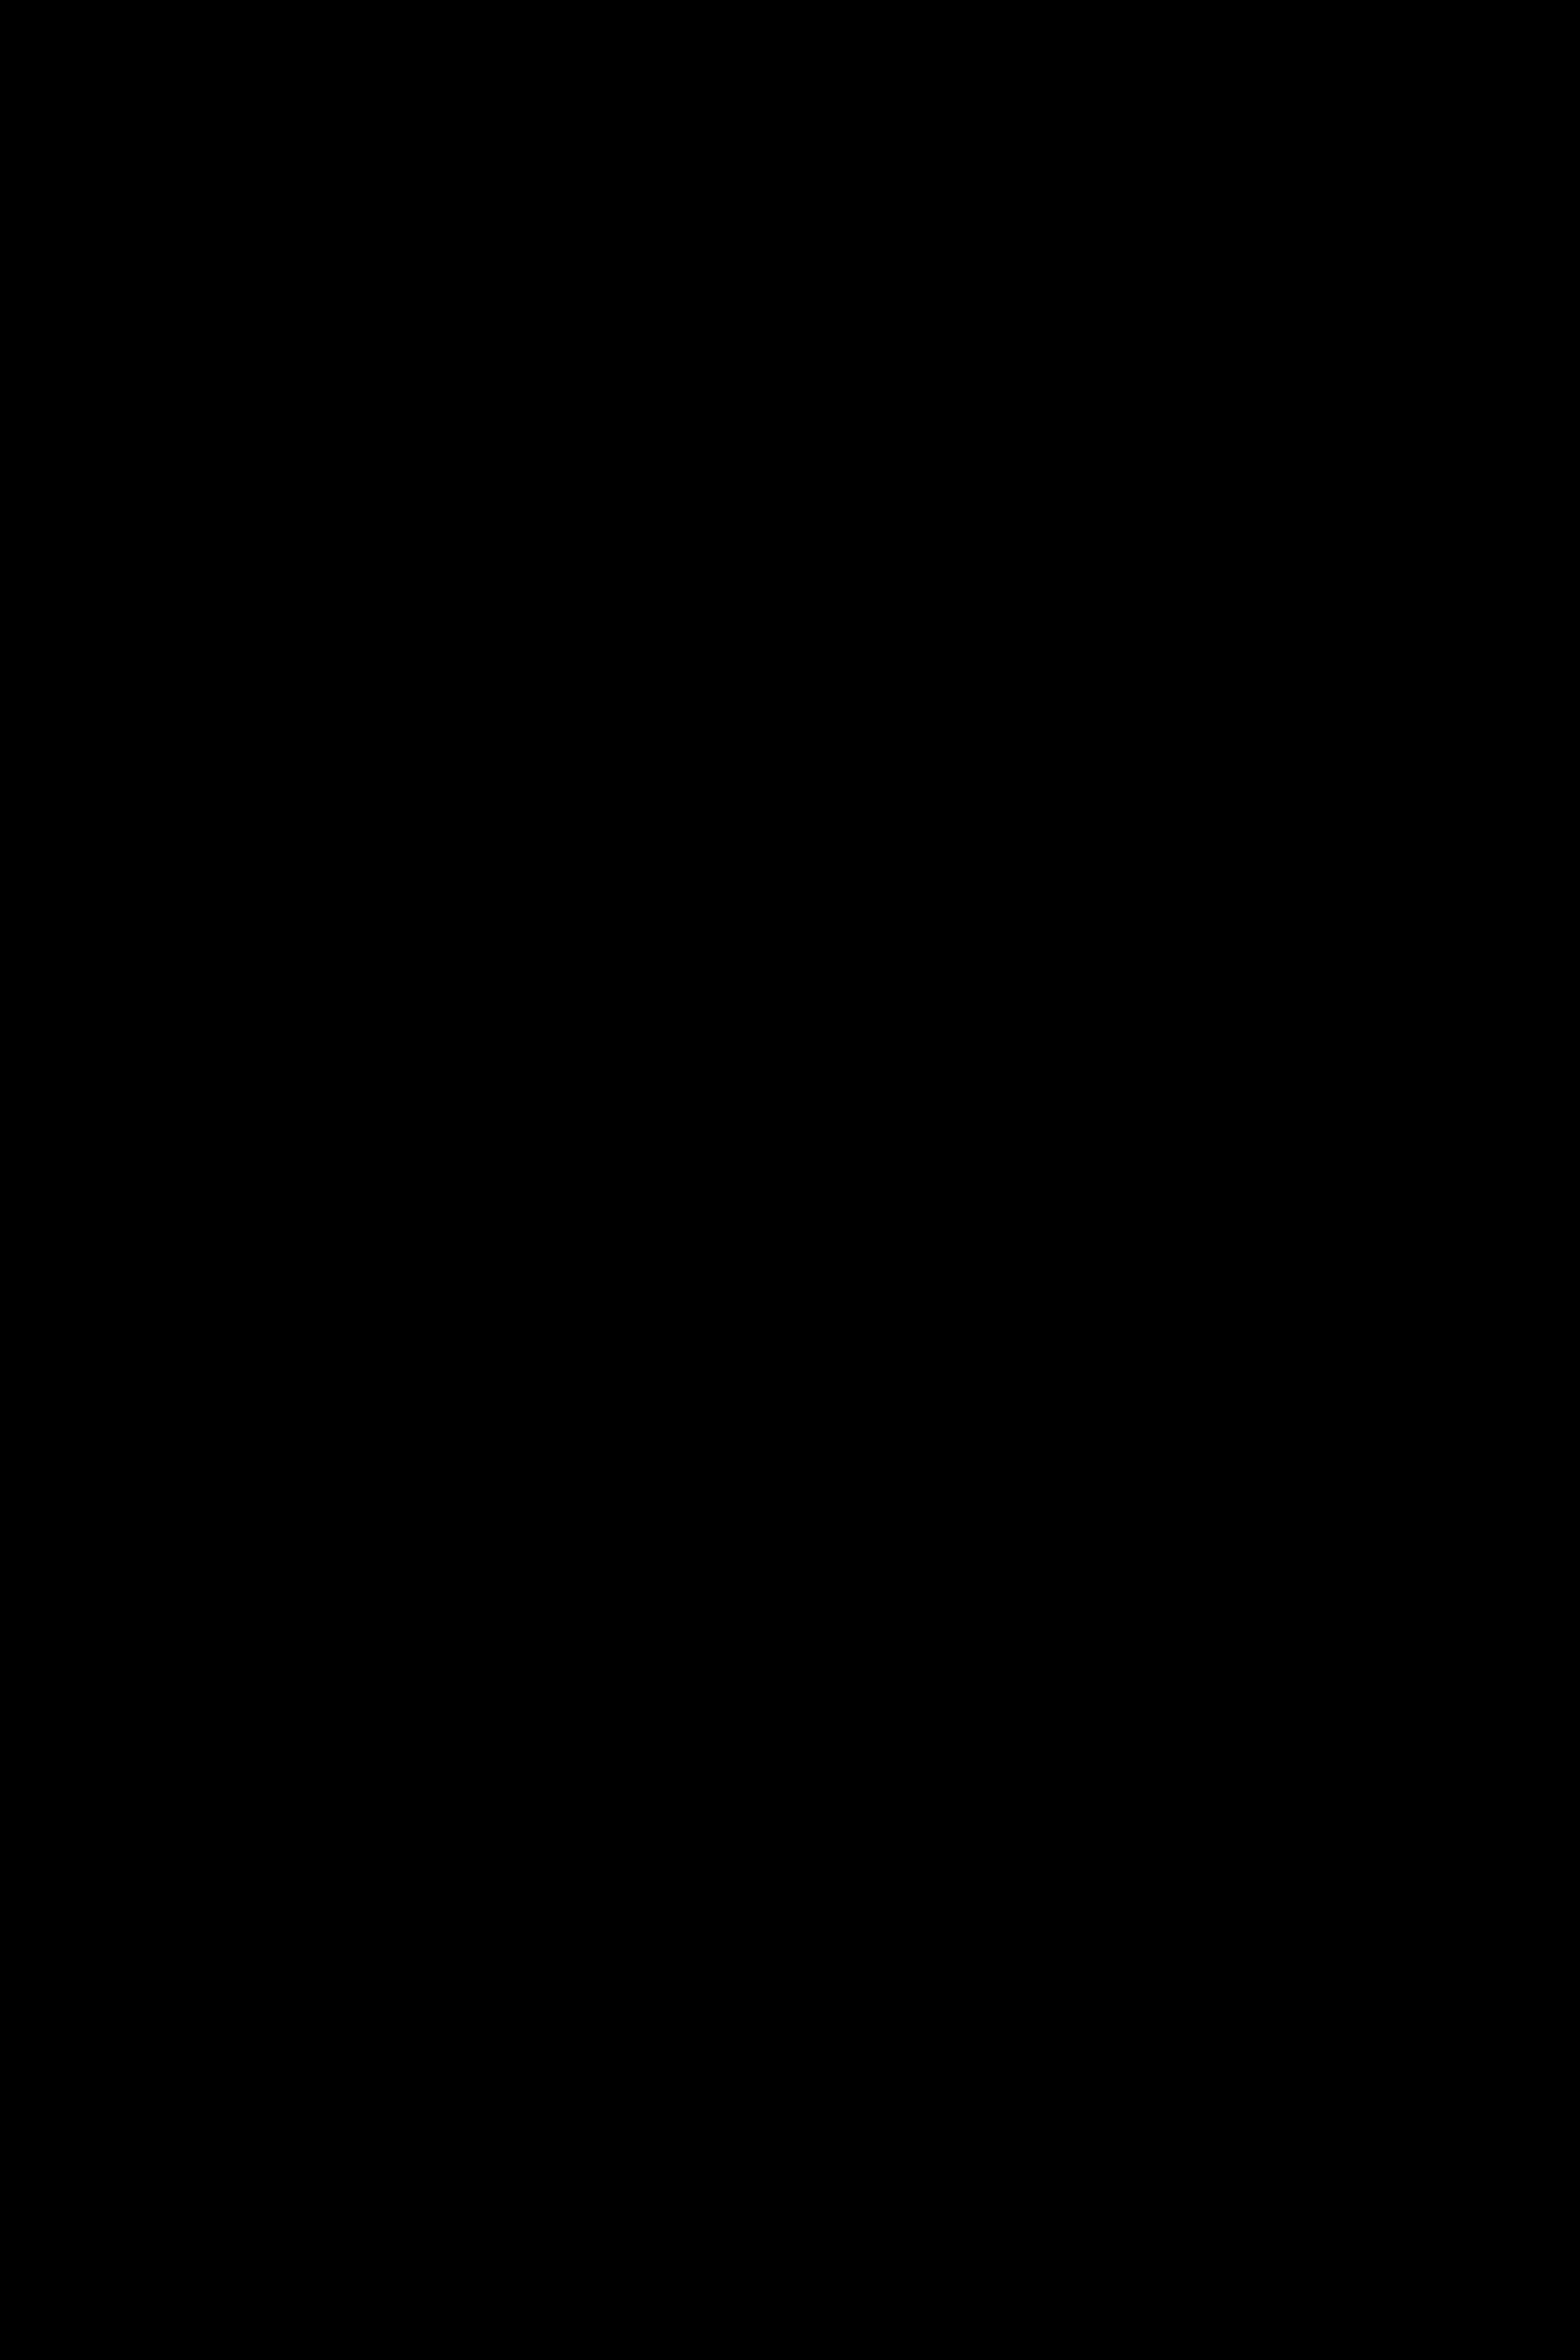 Fotos gratis : brazo, cráneo, hueso, cuerpo humano, anatomía humana ...